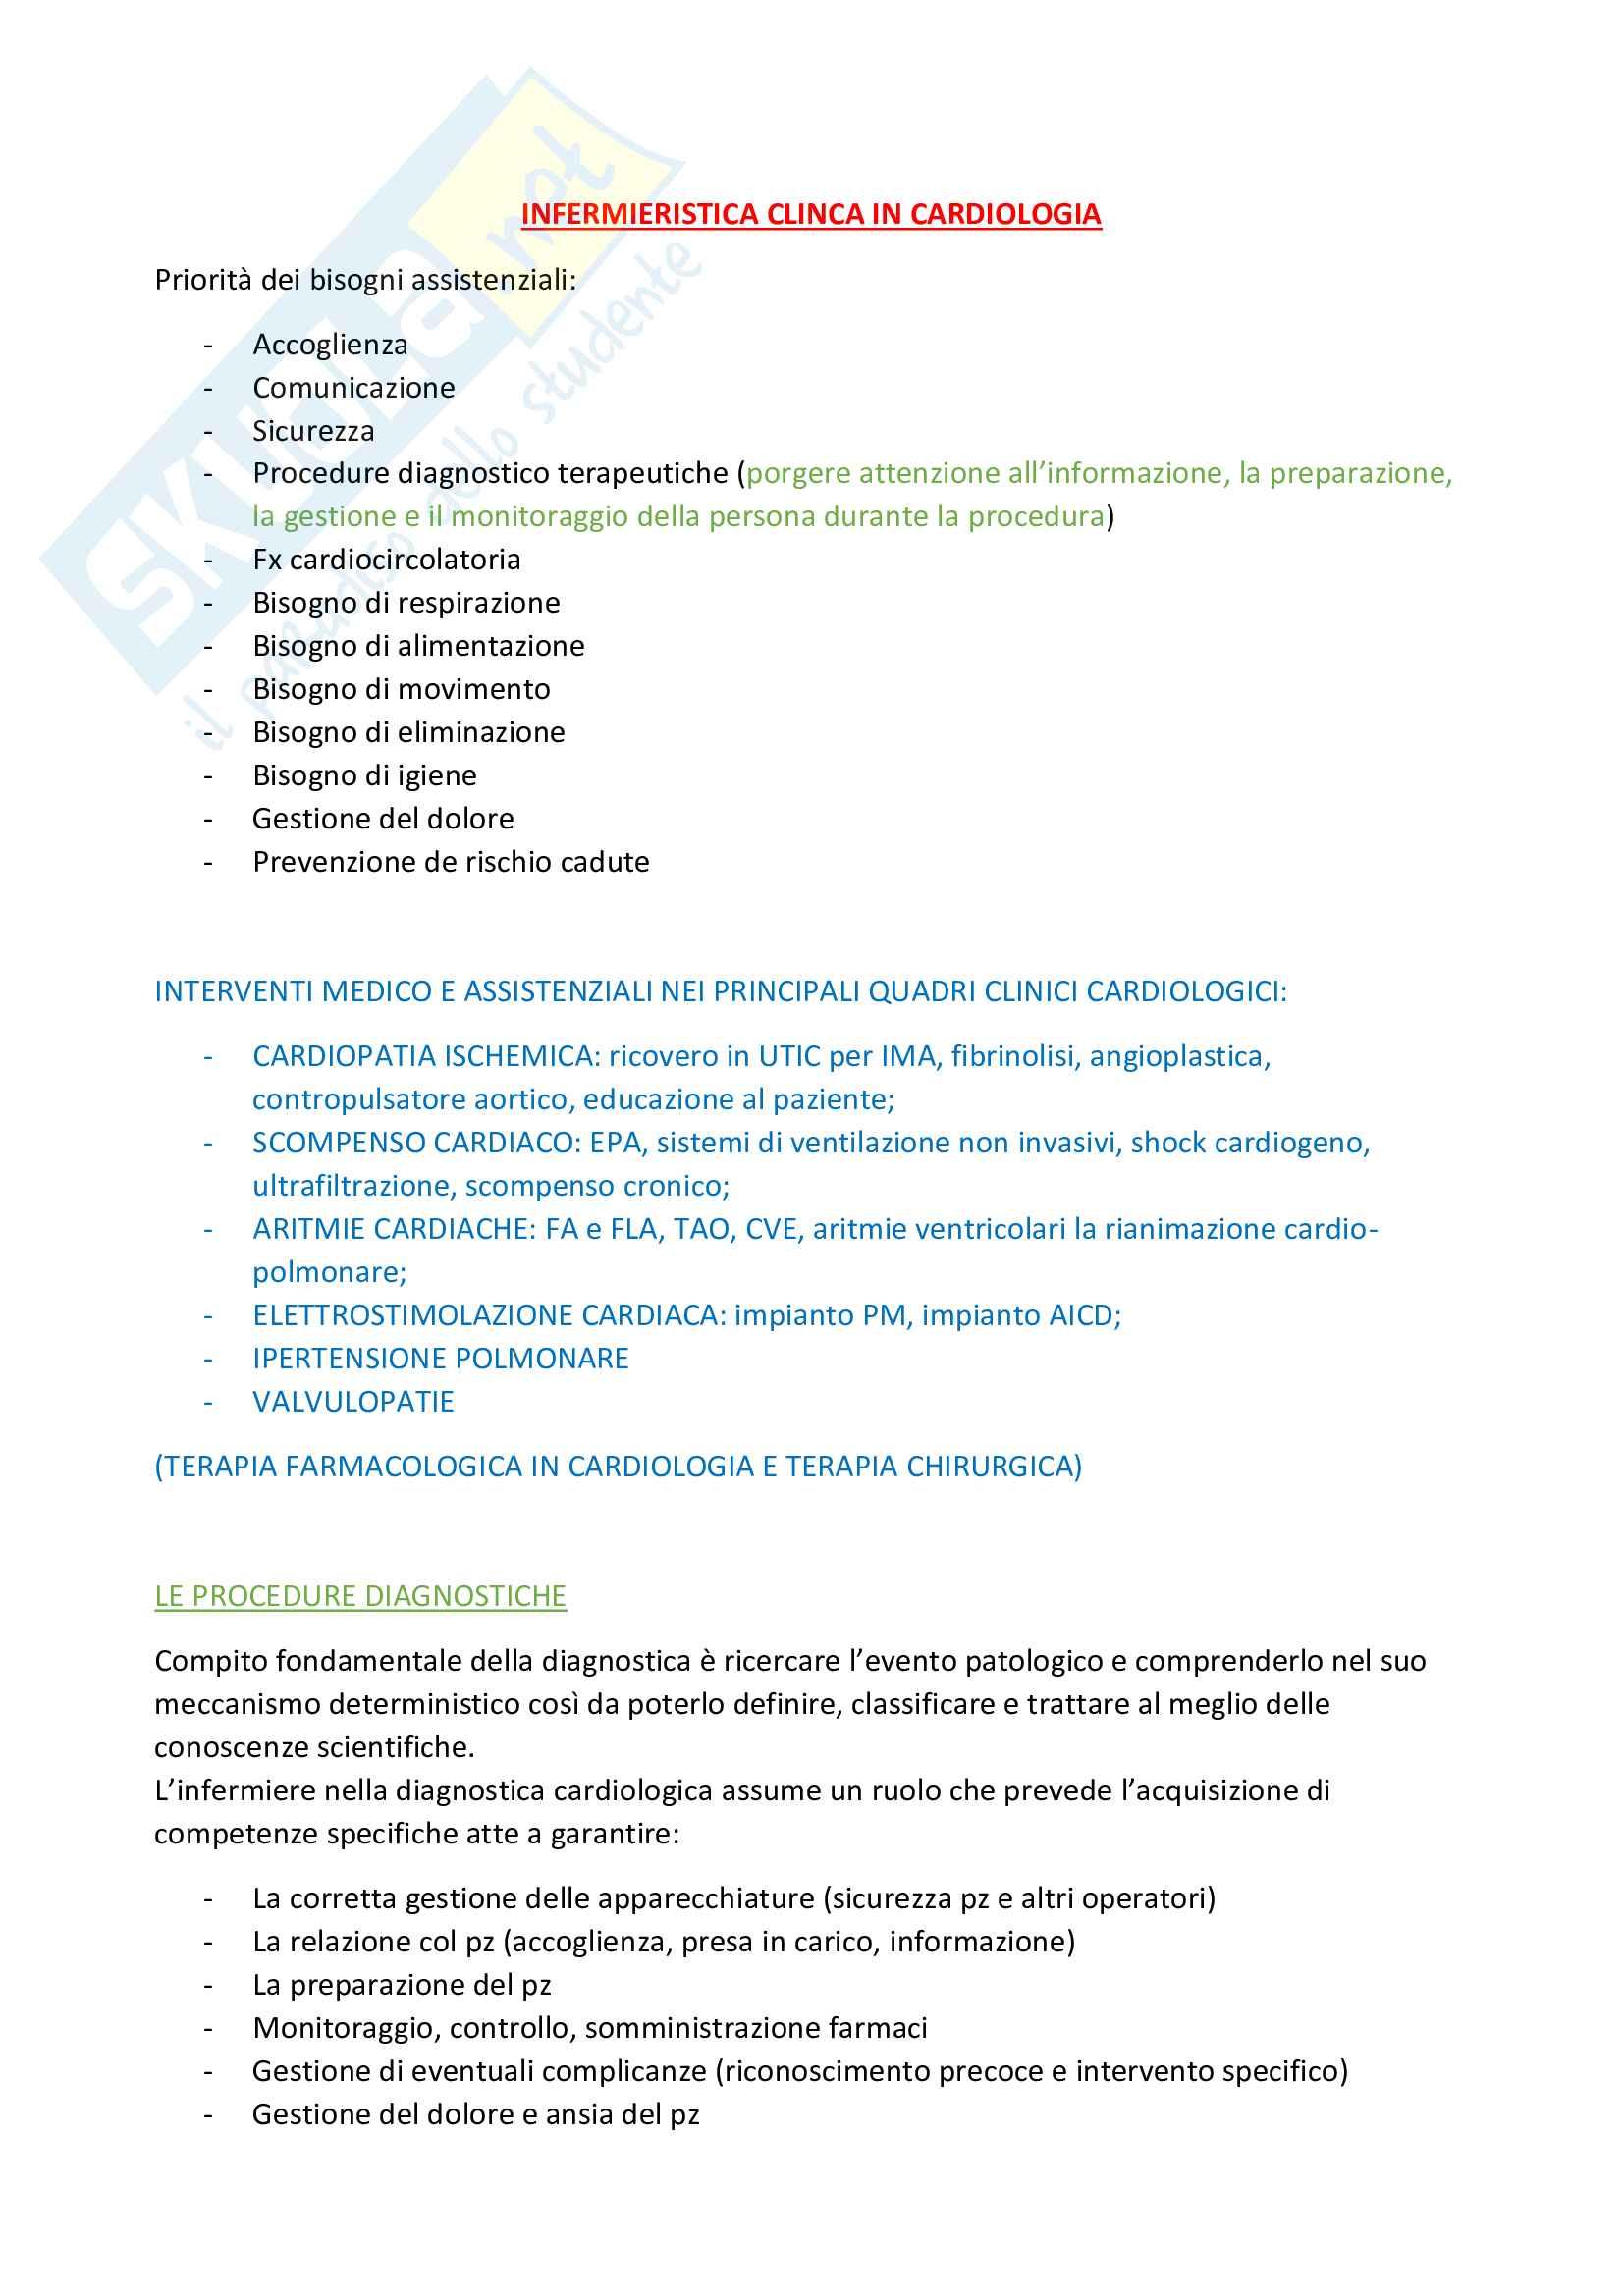 Infermieristica clinica in cardiologia